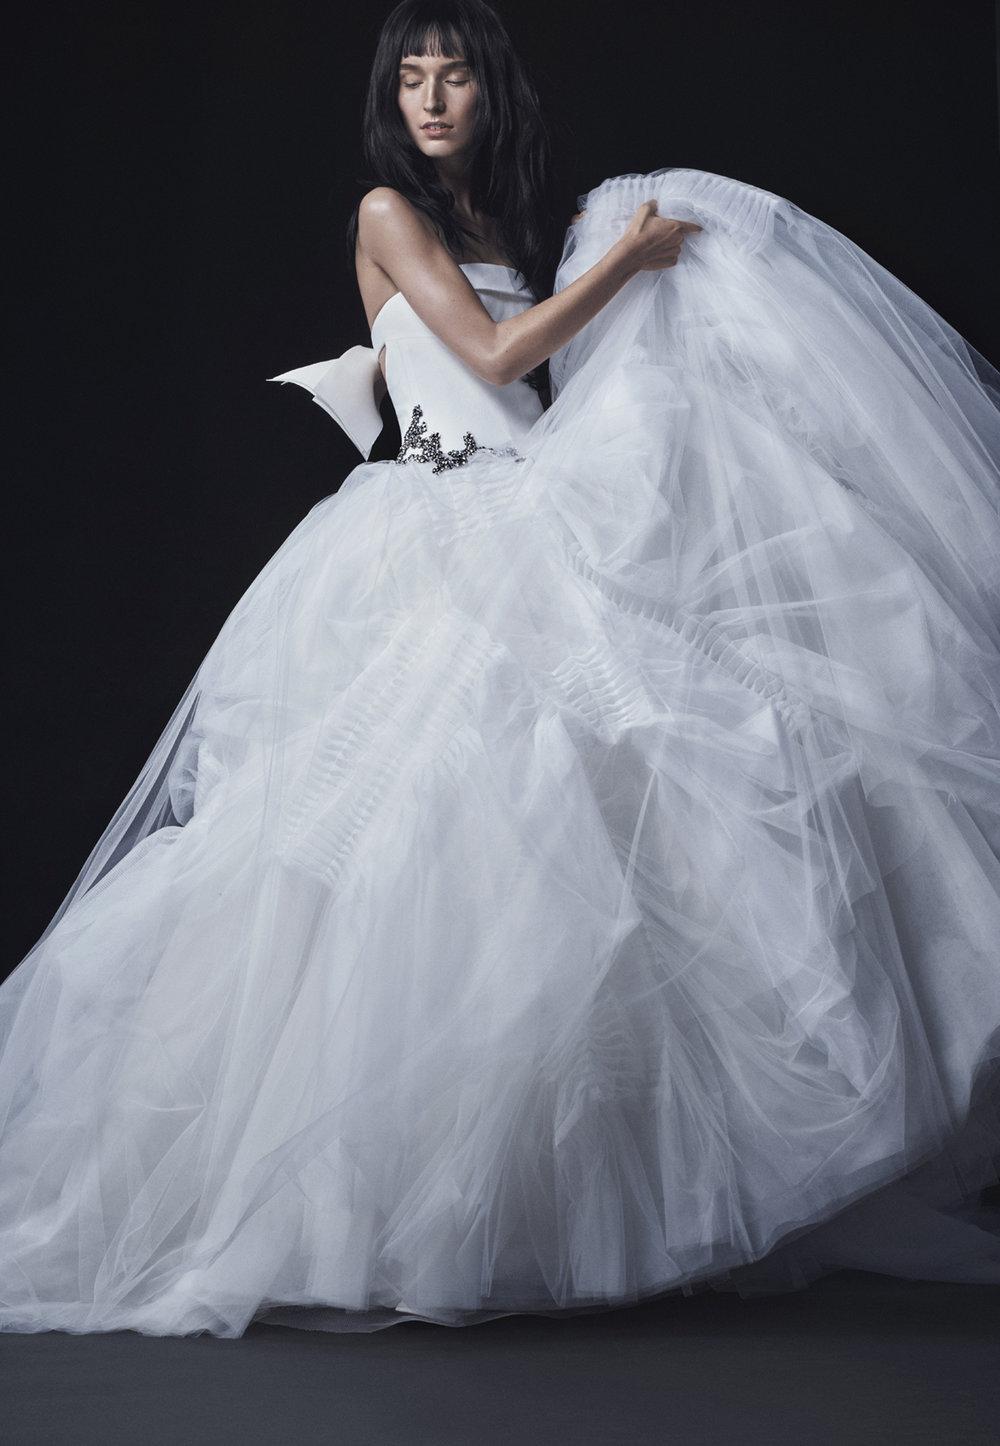 Season: Fall 2016    Gown name: Lola 露肩領口公主大裙剪裁婚紗    Description: 露肩領口公主大裙剪裁婚紗禮服,平口軟白綢在胸口打折,形成一個別緻的 剪裁。下身拼接非常澎湃的百褶薄紗裙,腰間綴以黑色水晶裝飾。露背設計下是戲劇化的 蝴蝶結作裝飾,絕對是每位女孩心中的最愛。